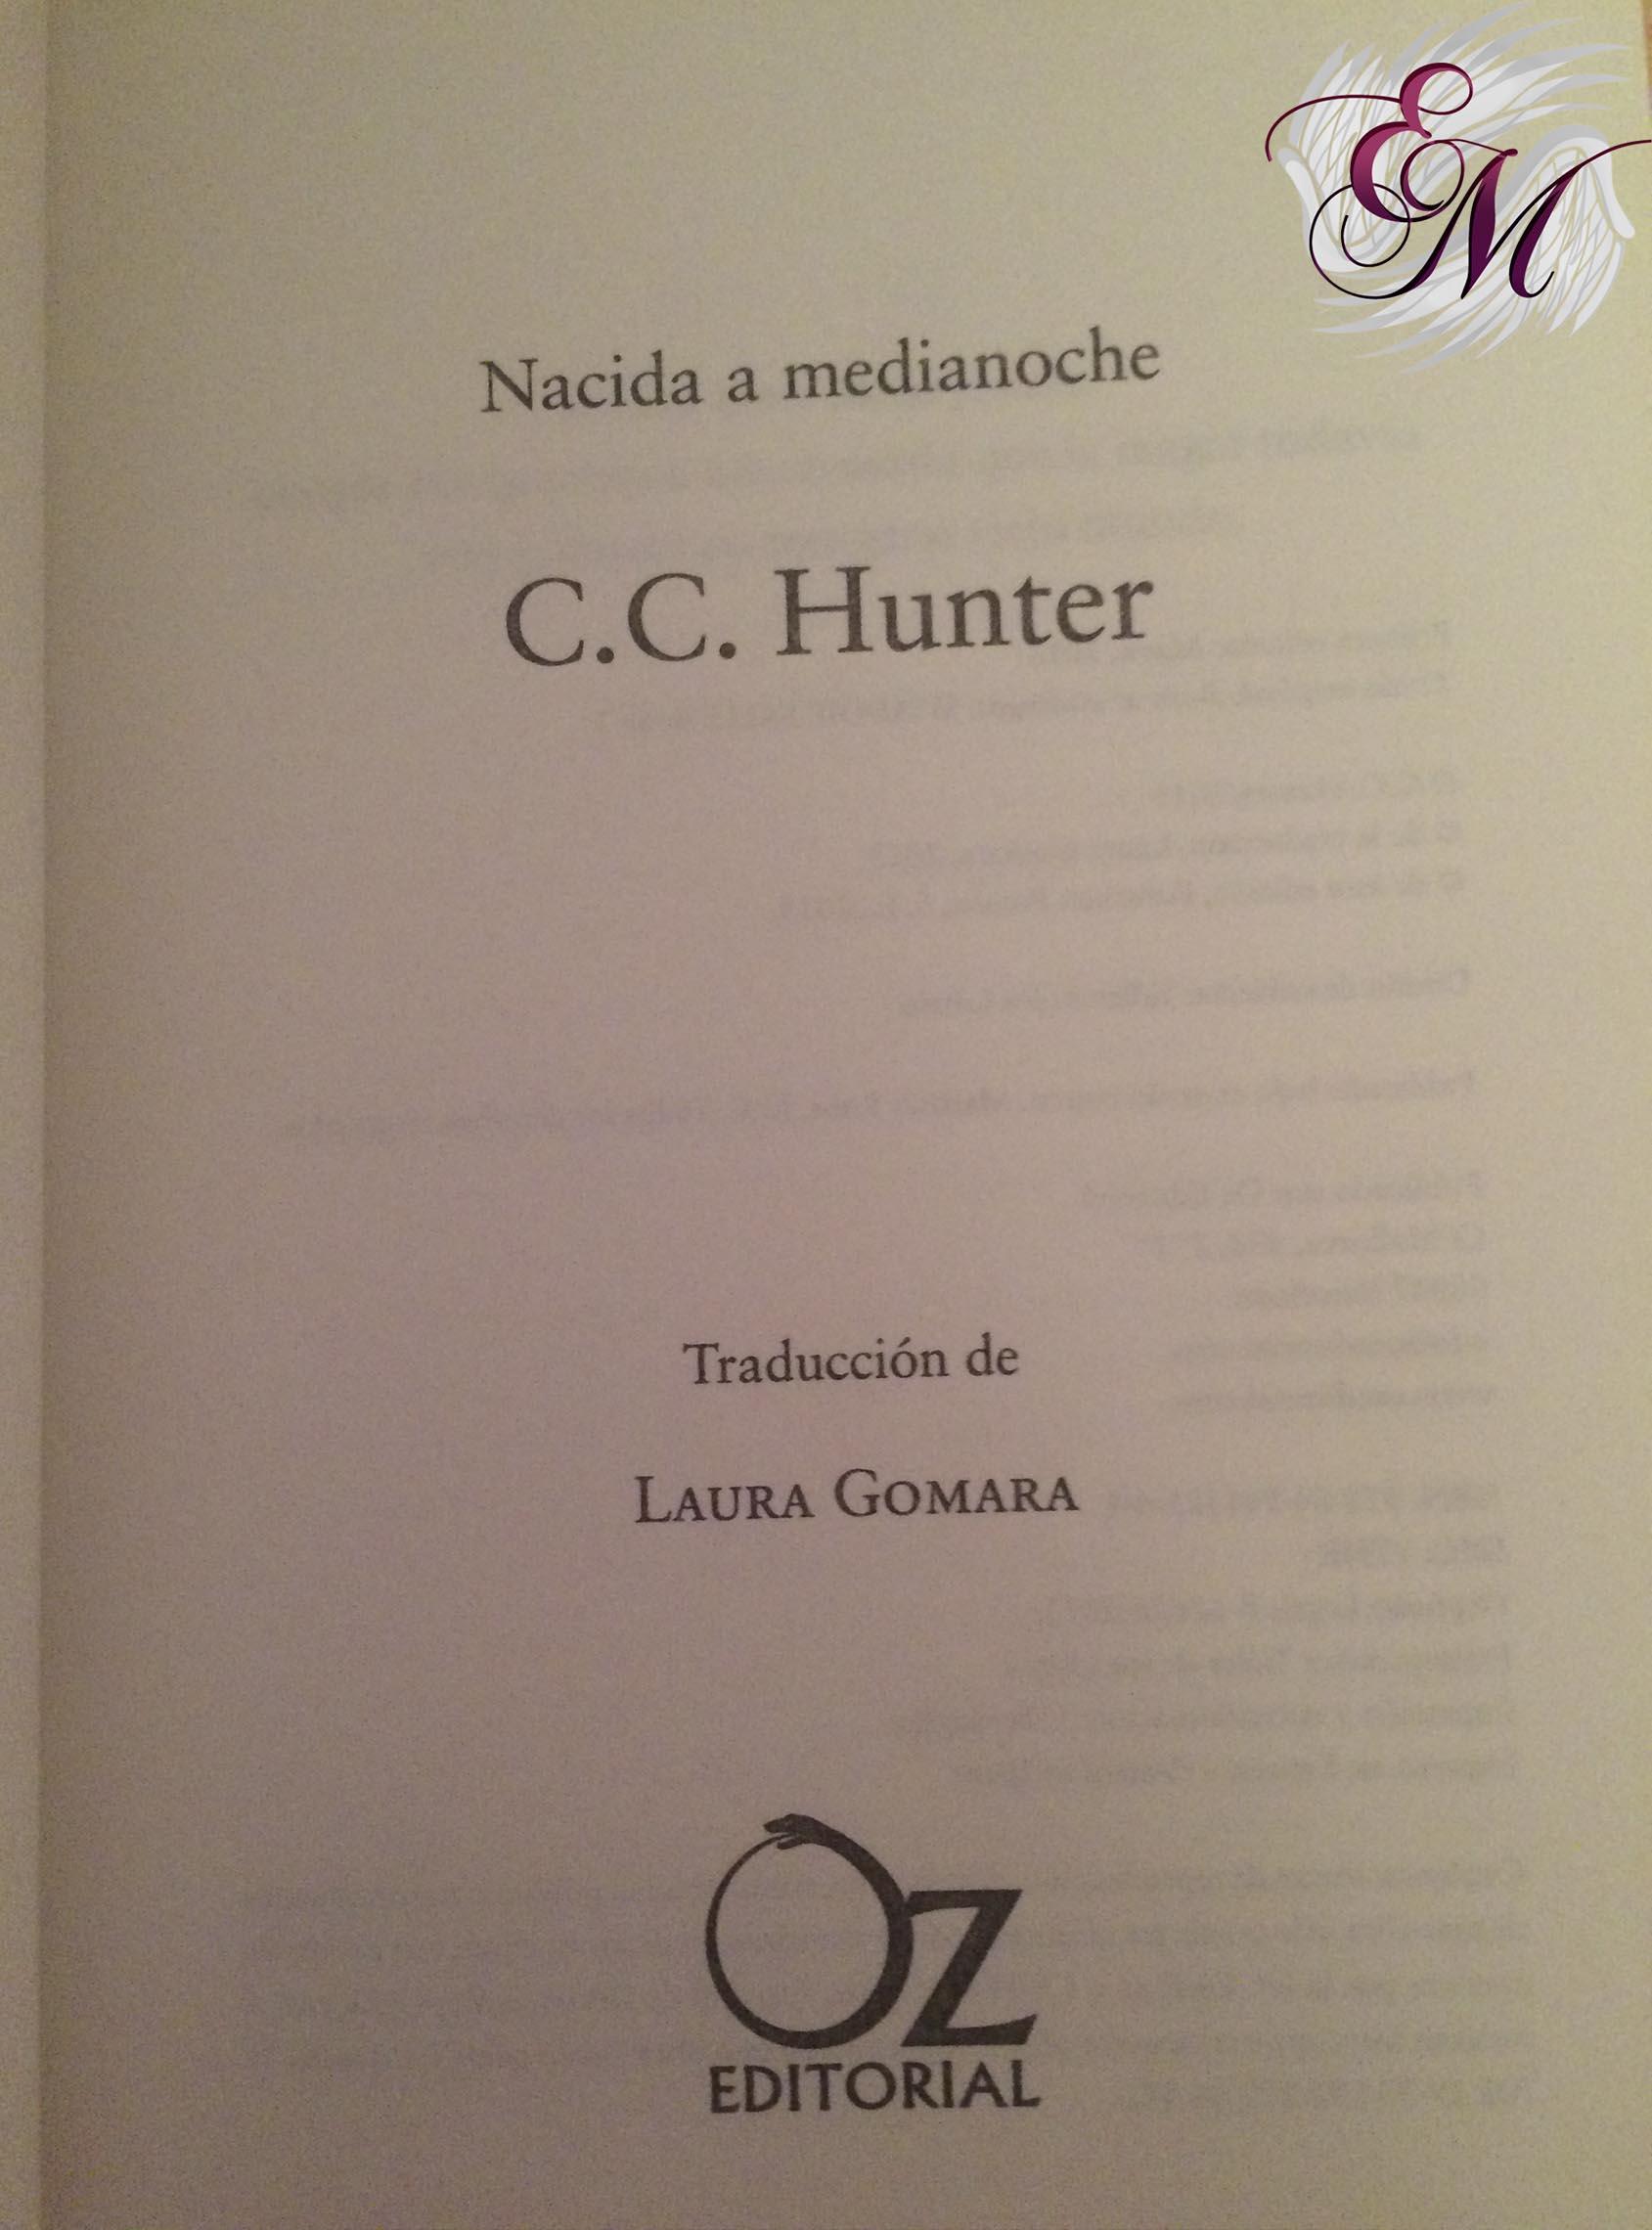 Nacida a medianoche, de C.C. Hunter - Reseña